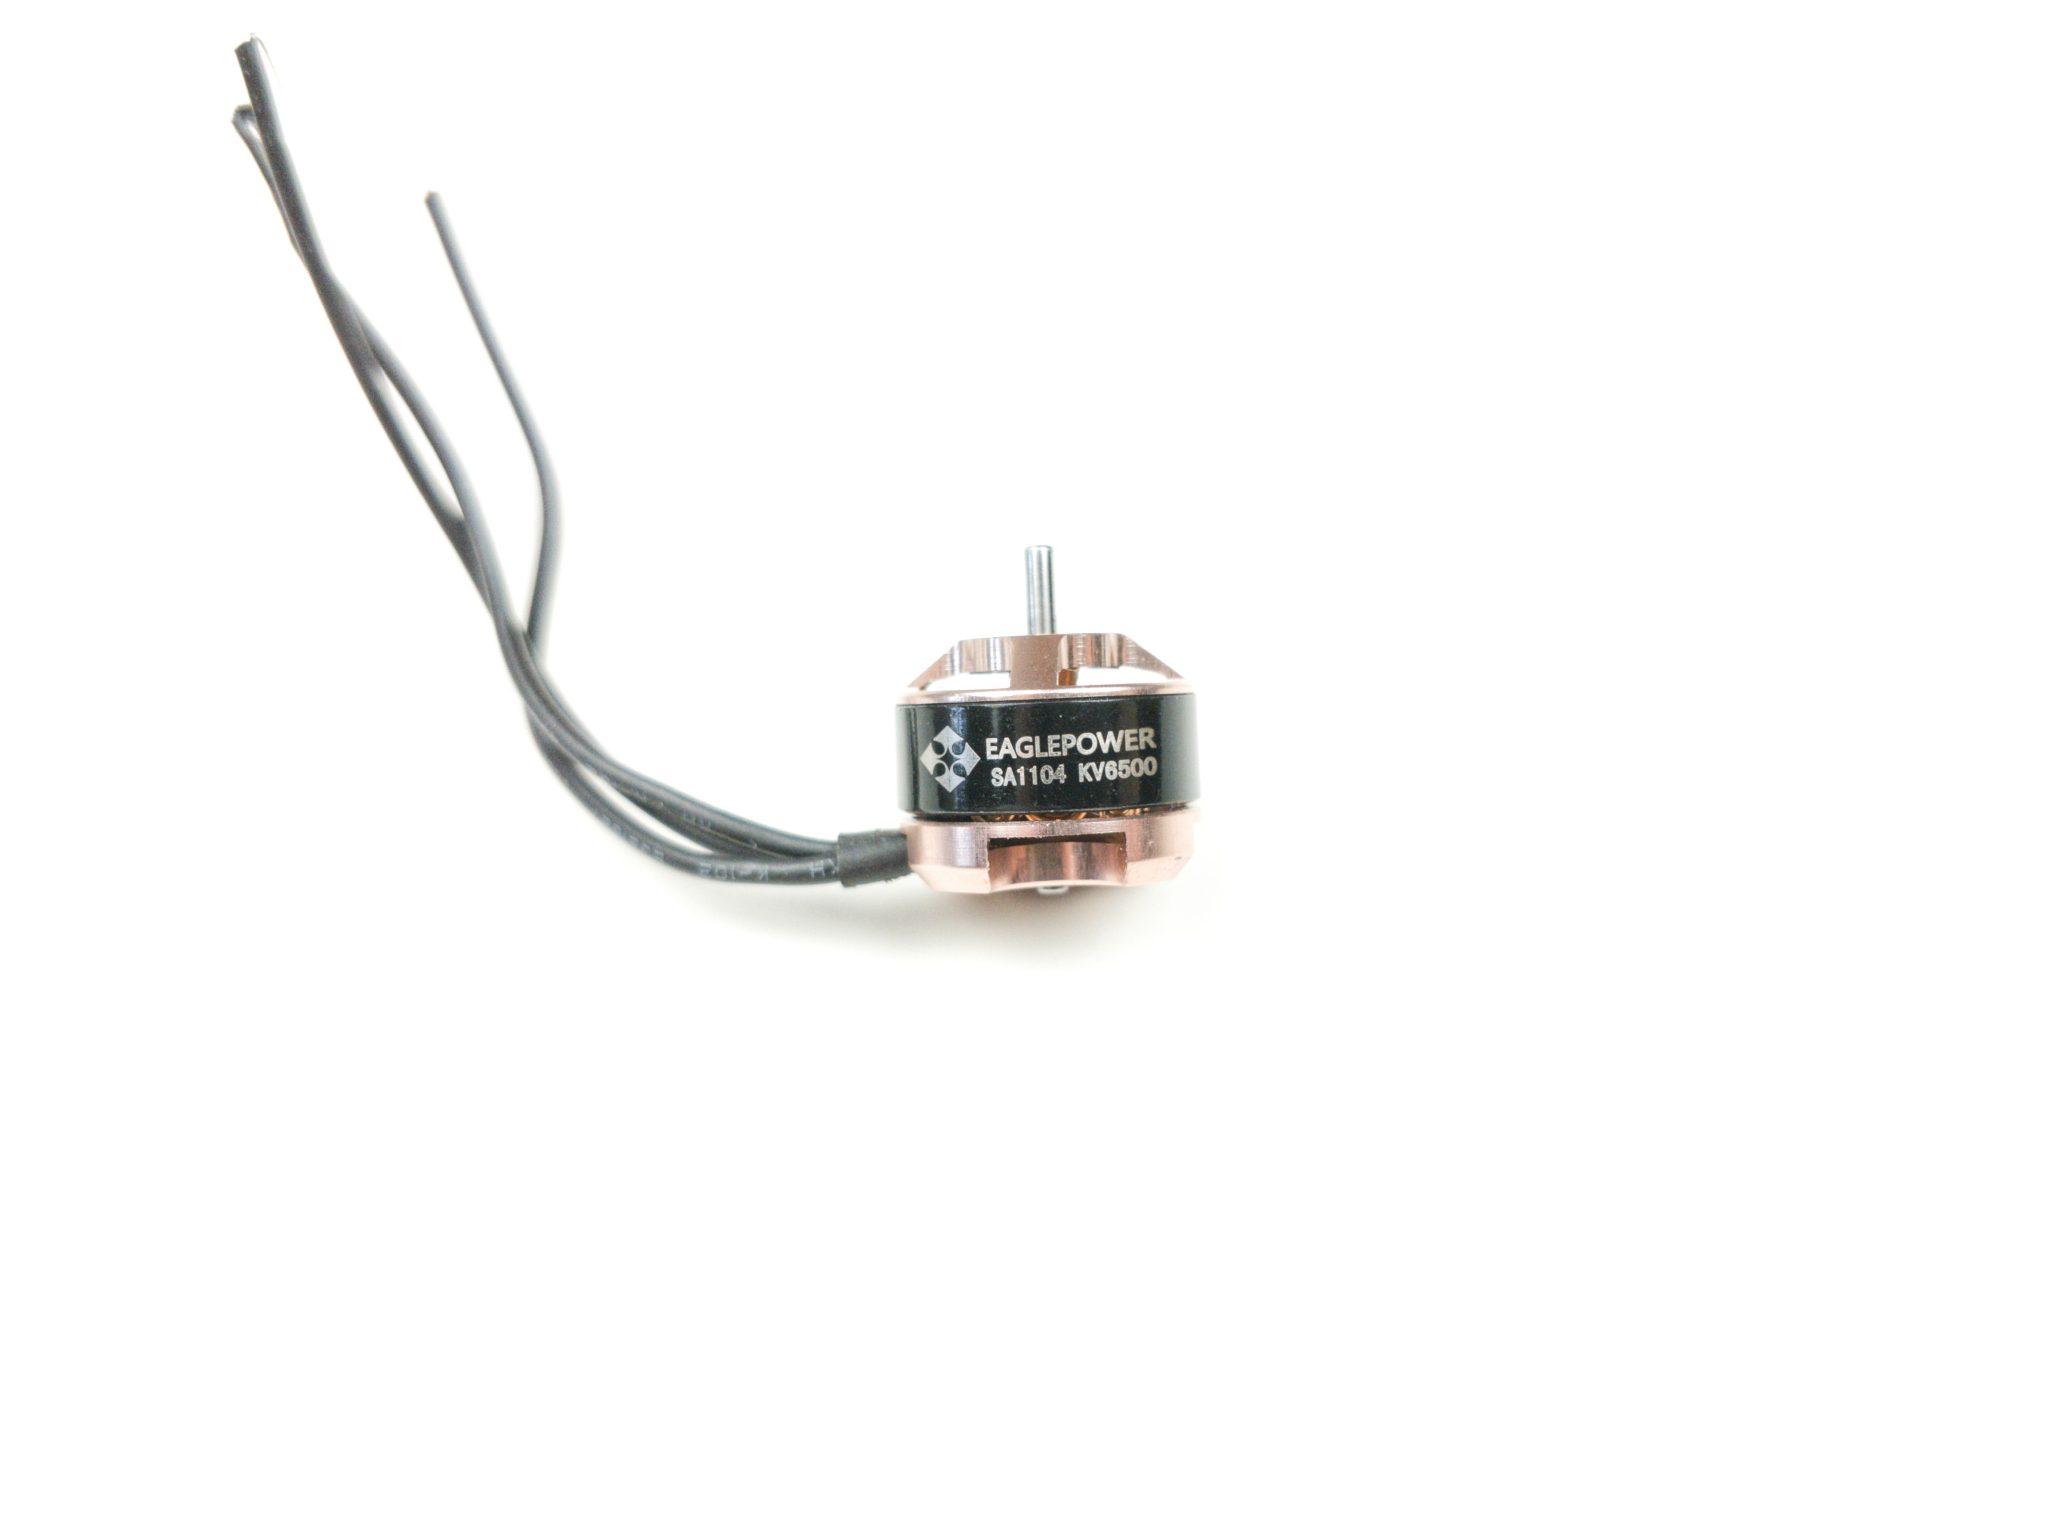 EaglePower SA1104 6500kv Brushless Motor - 1PCS